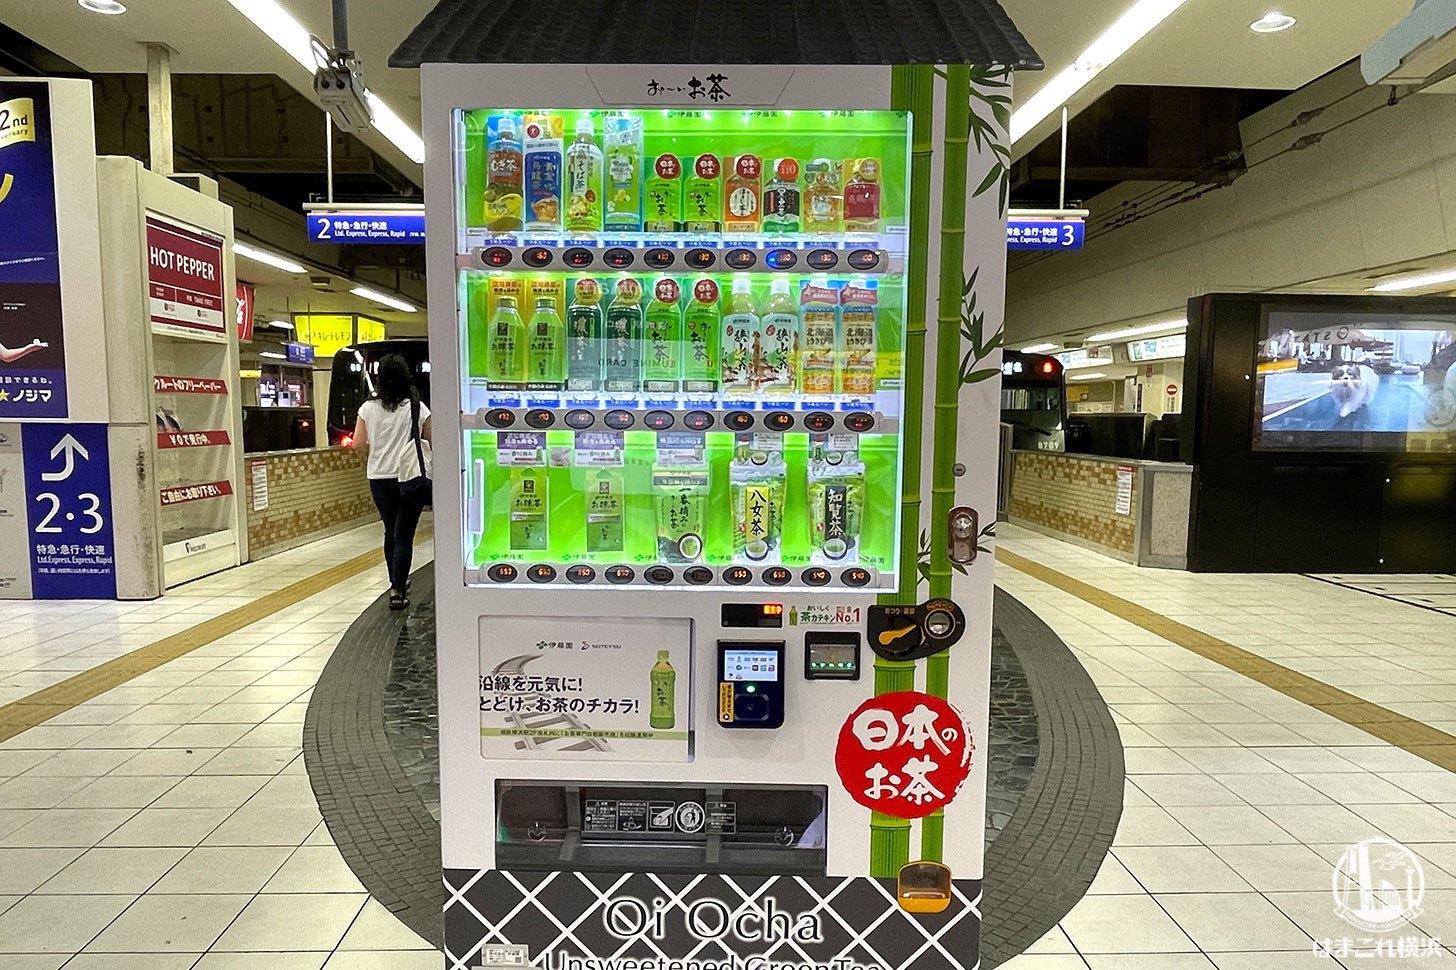 相鉄線・横浜駅に「お茶に特化した自販機」試験導入!茶葉や粉末スティックも